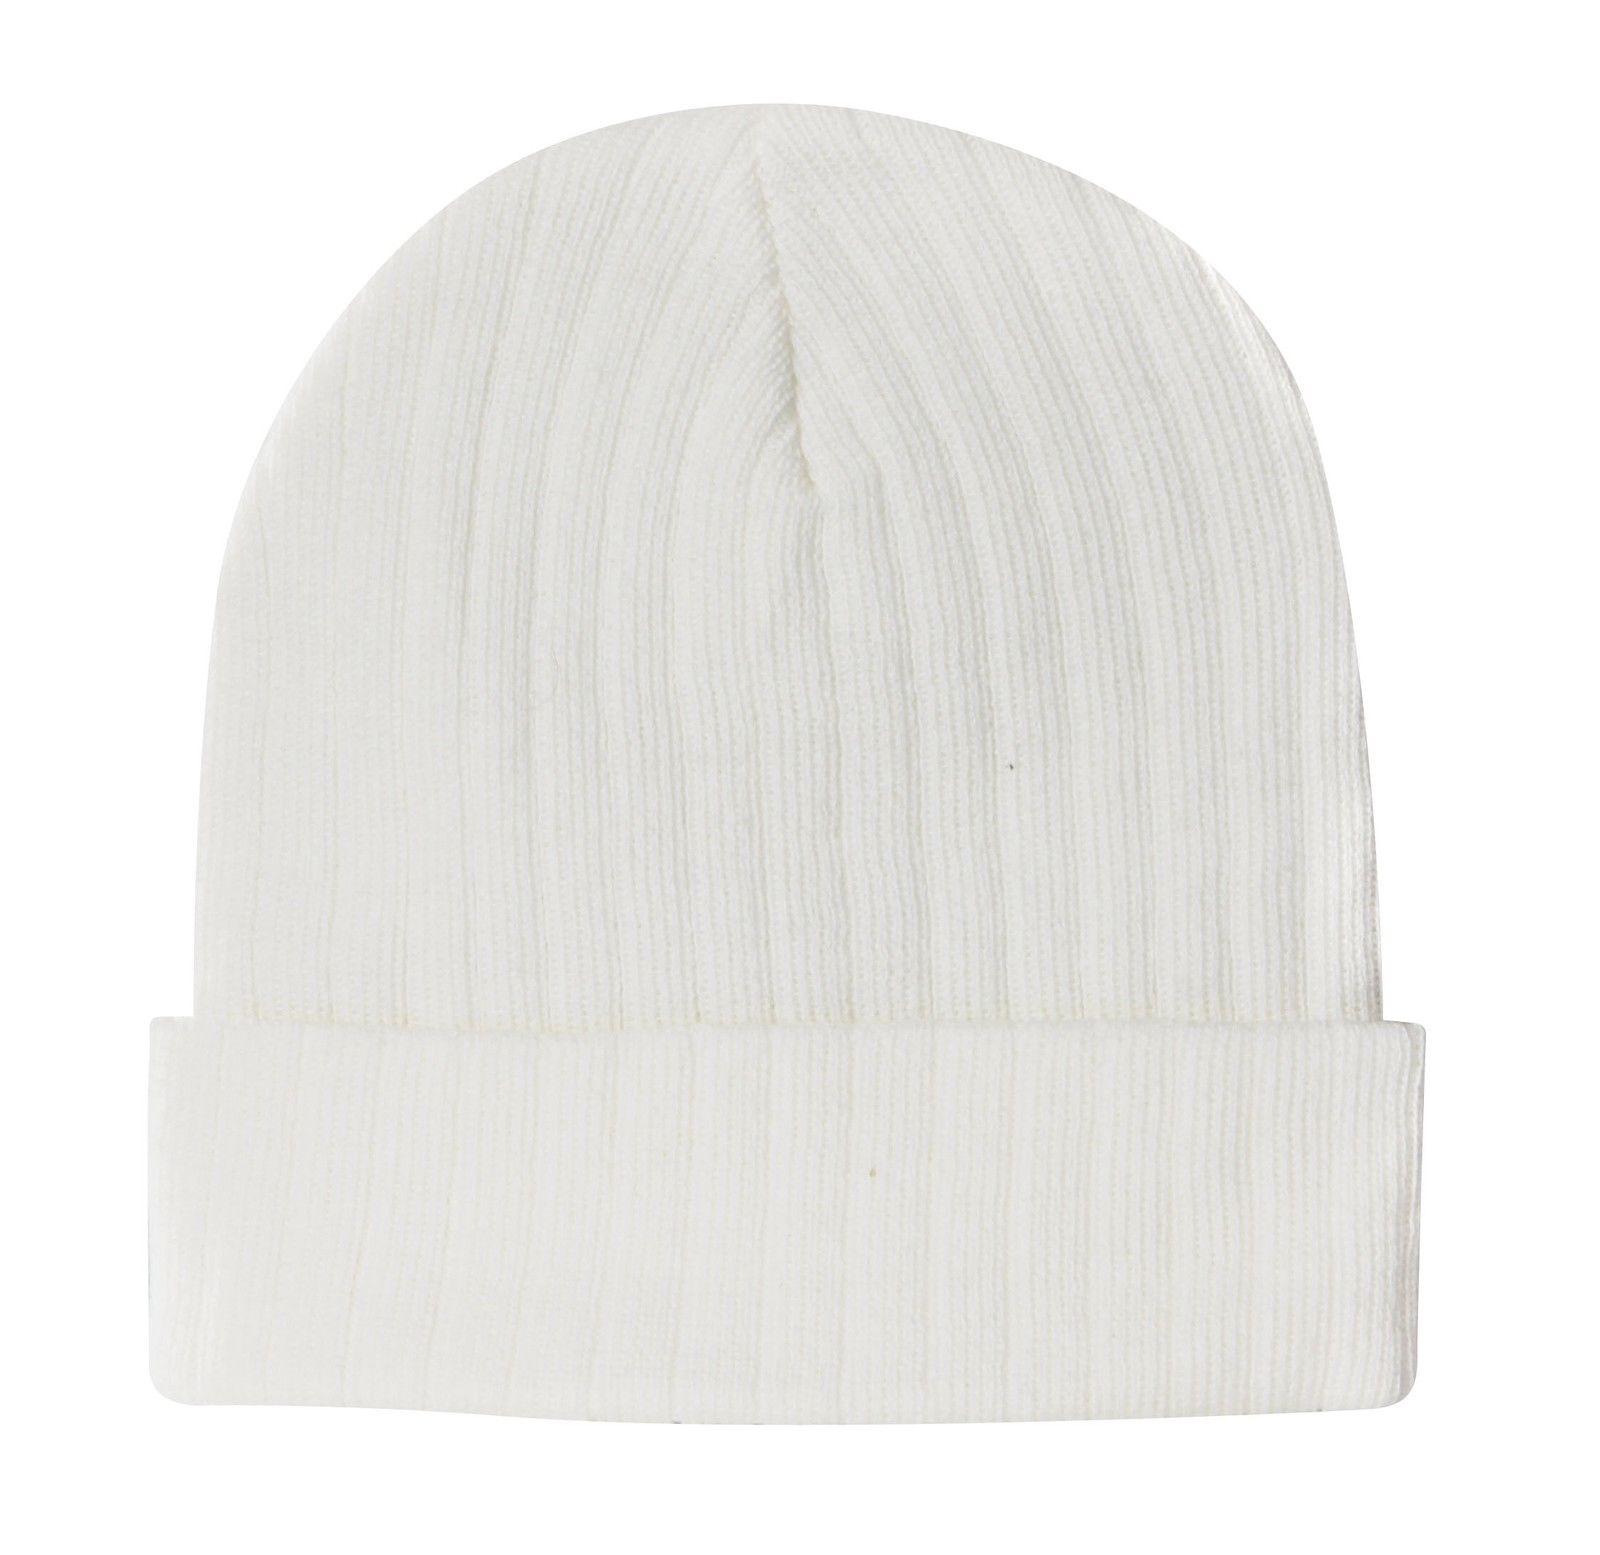 Cappello a coste Cotone Berretto bambini caldo Cotone Cappello ... 7d7e464002c8